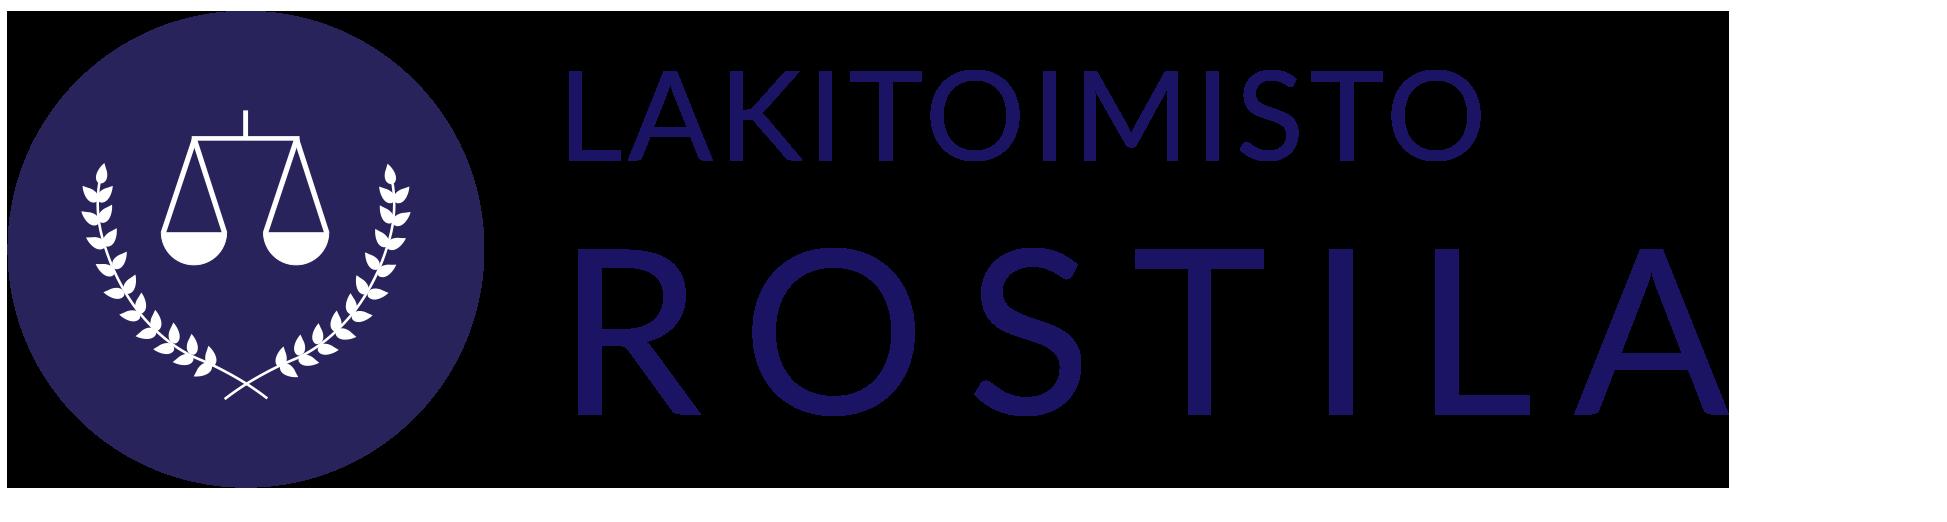 Lakitoimisto Rostila Hyvinkää logo